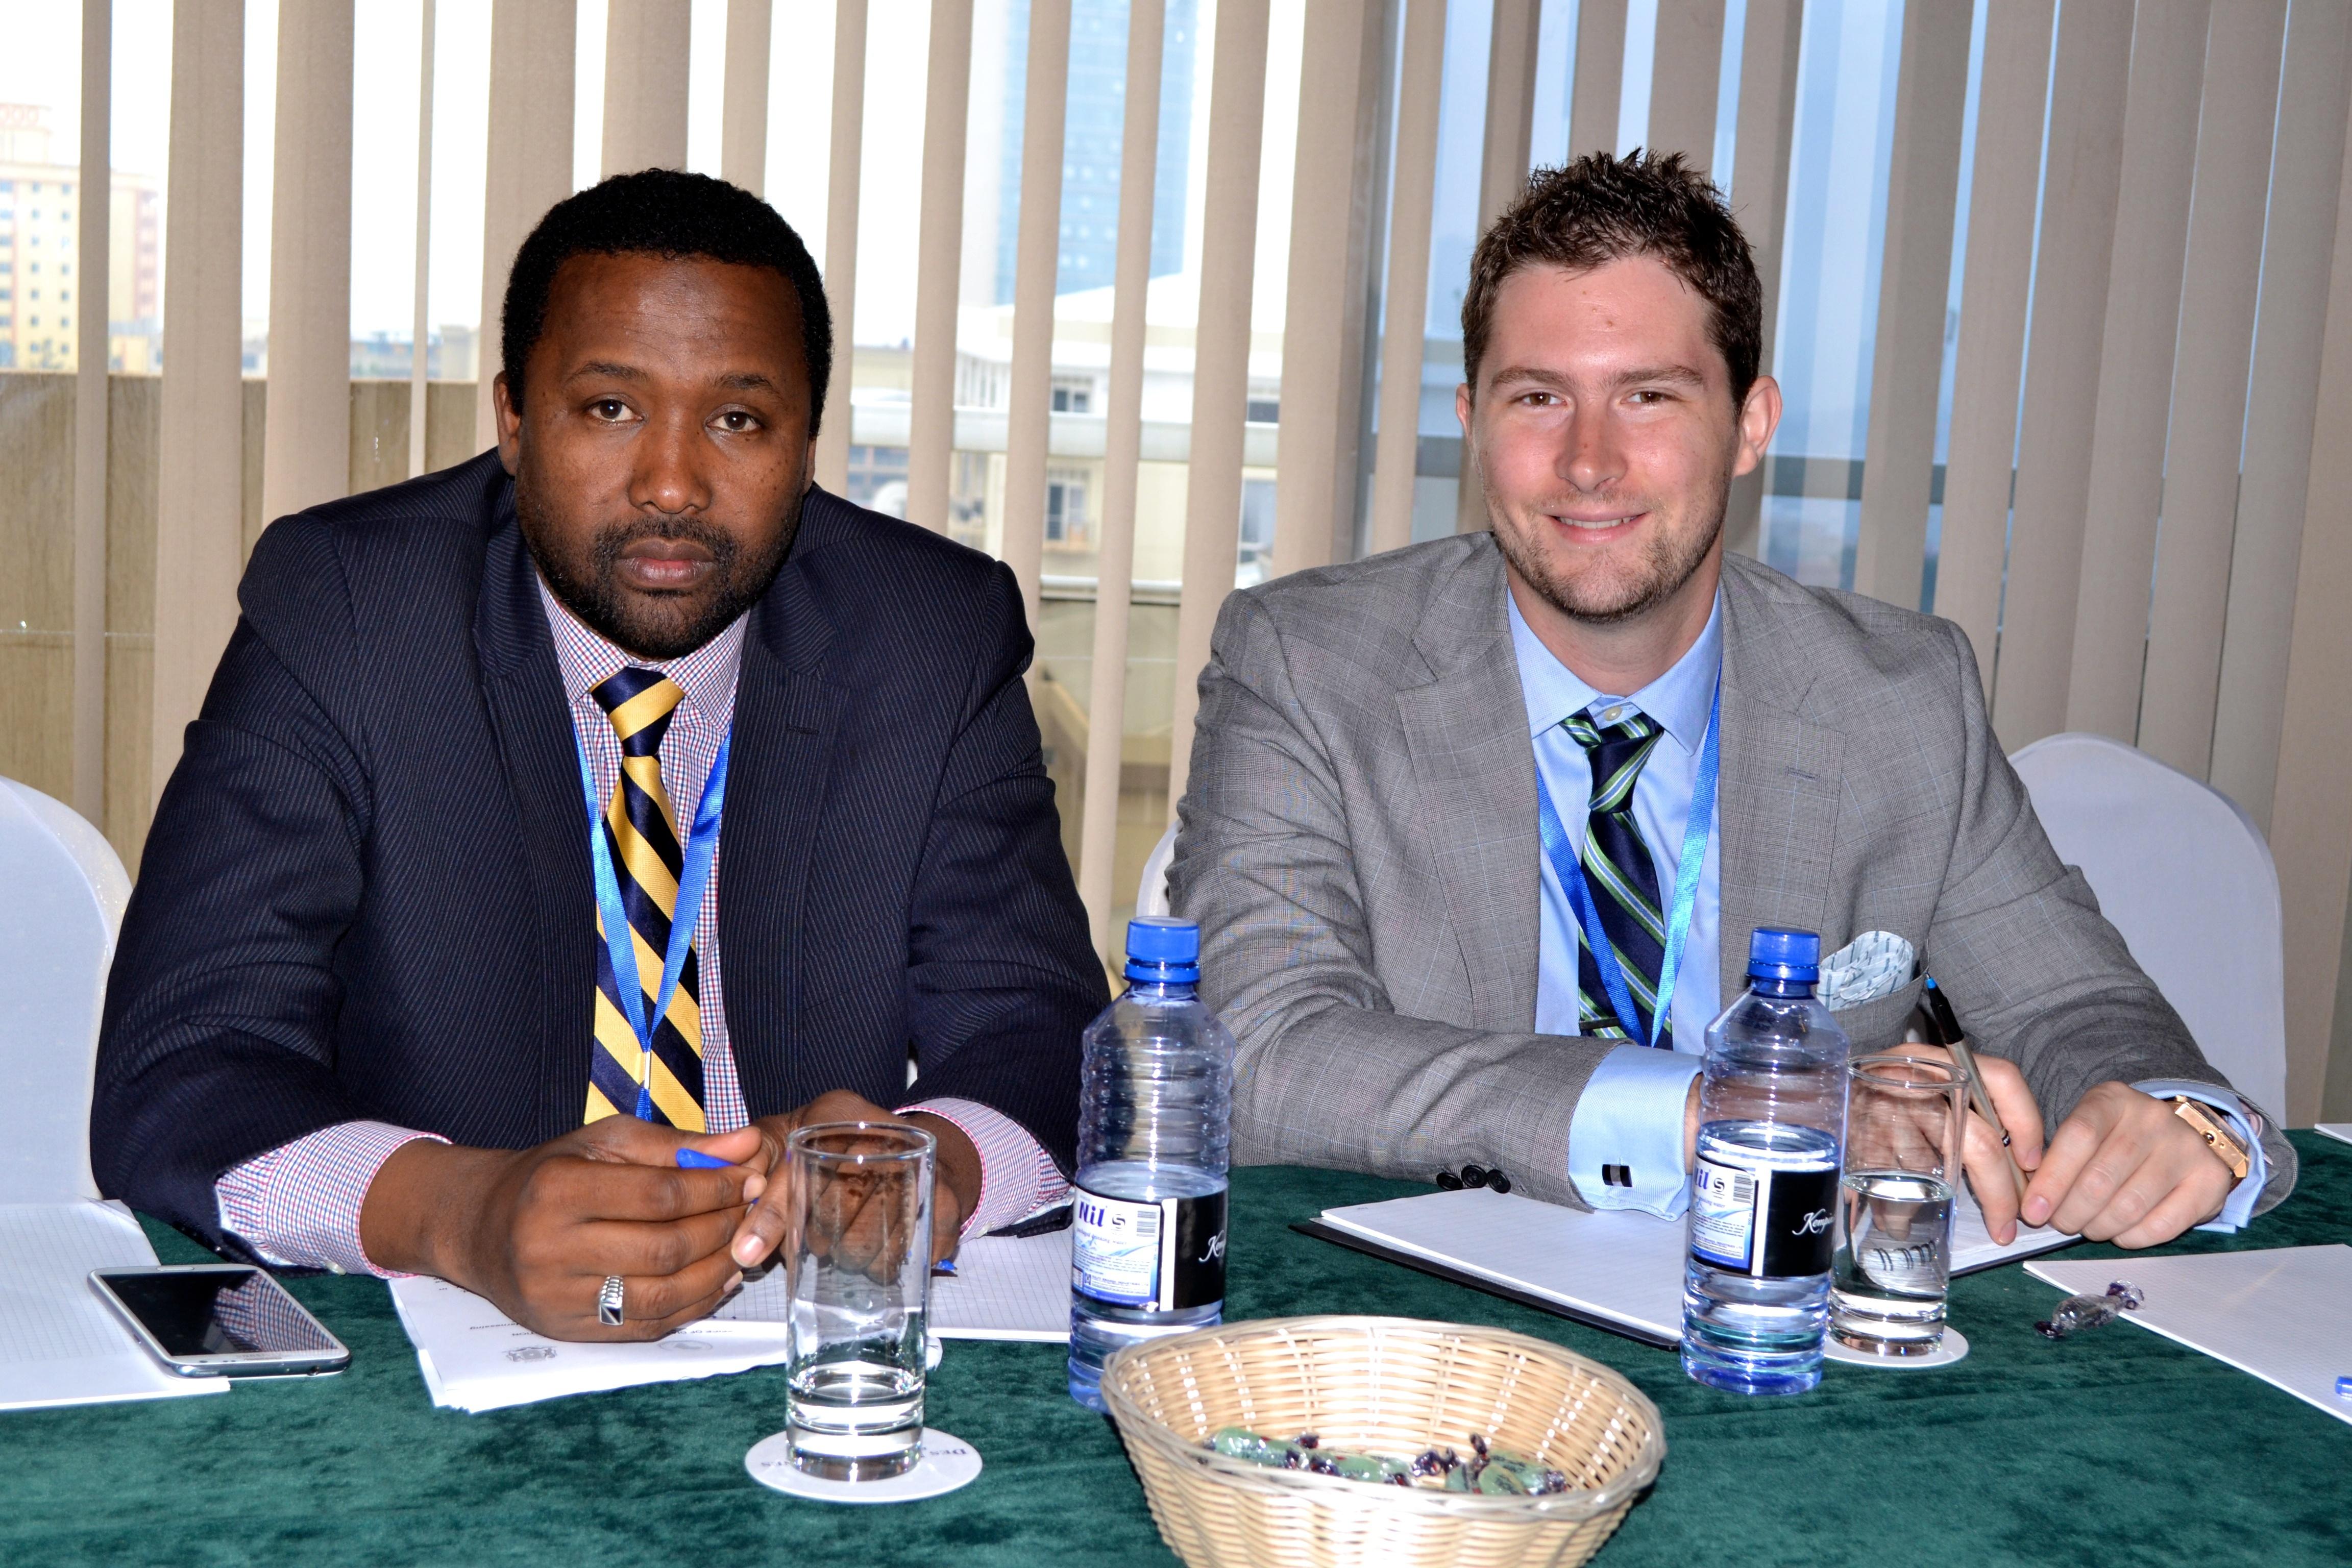 Somalia diaspora conference in kigali photo